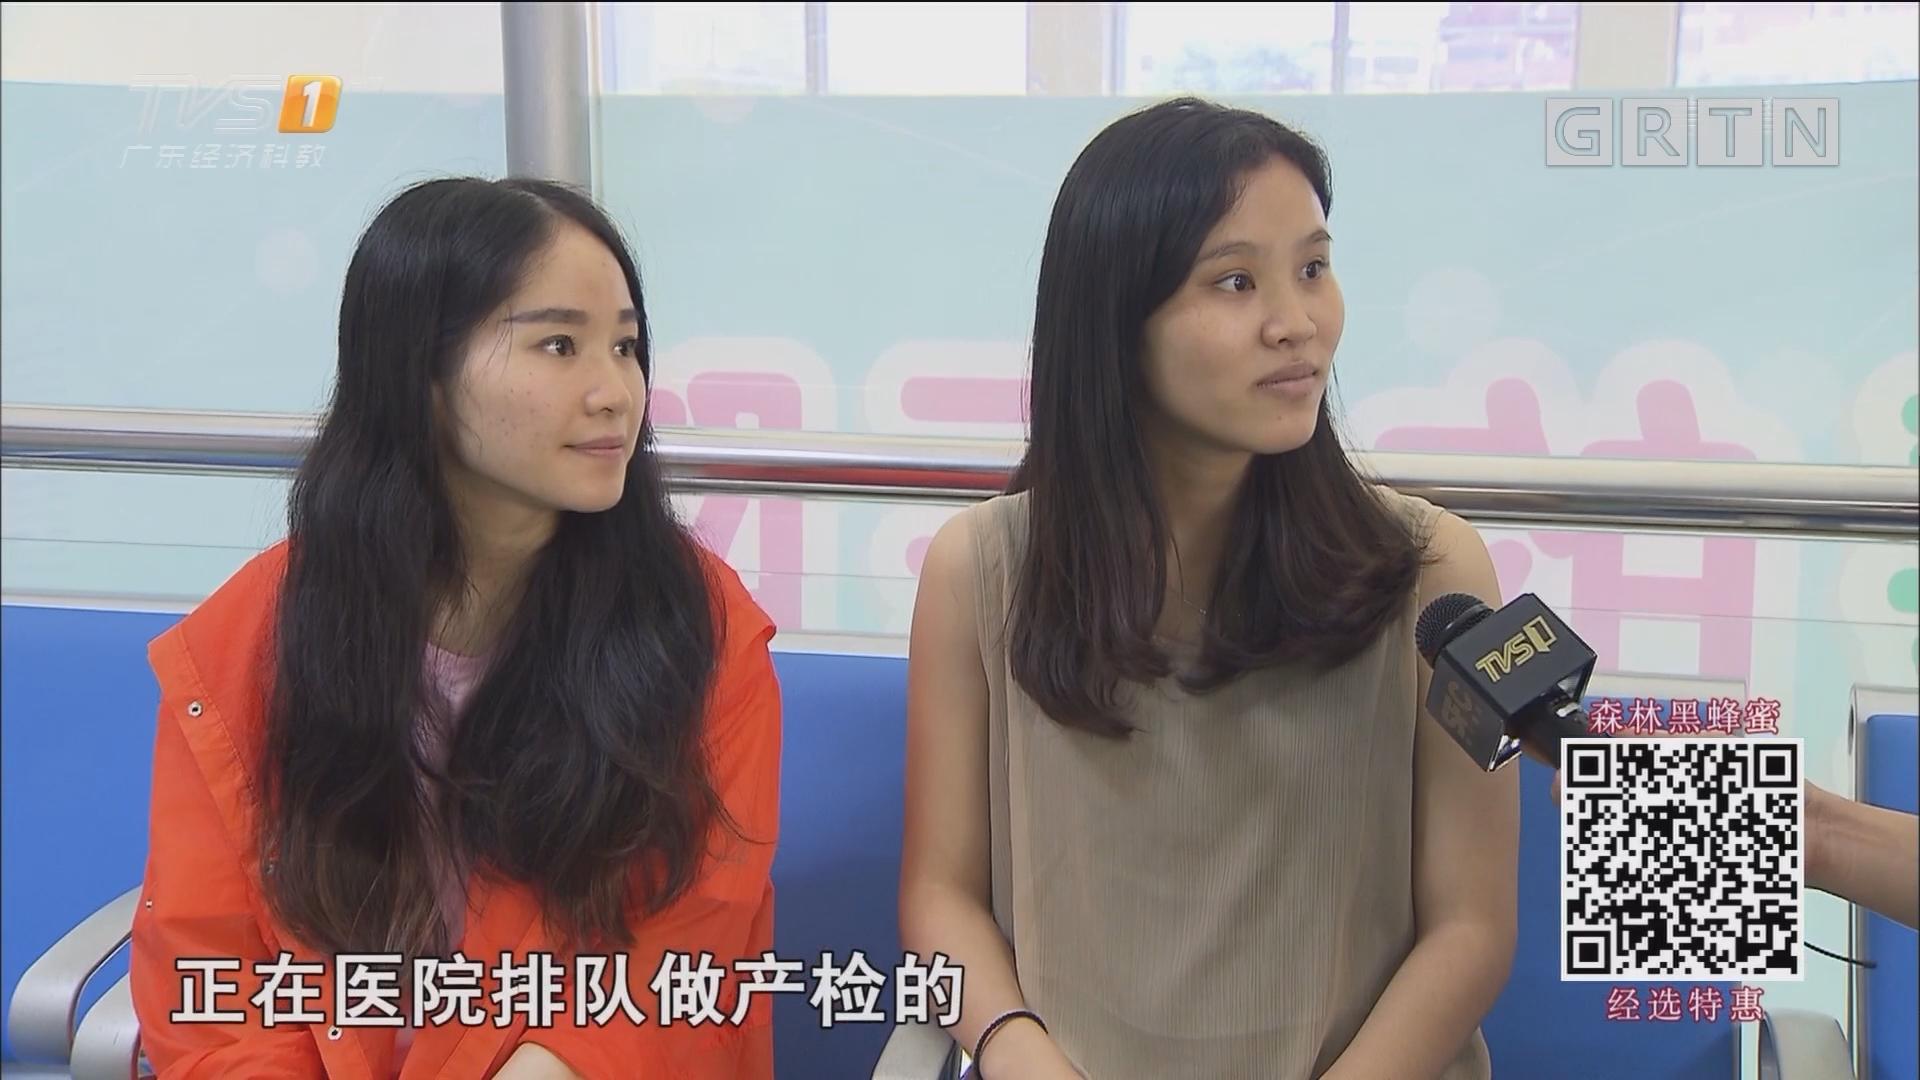 深圳医疗互助试点 三大疾病筛查或将免费